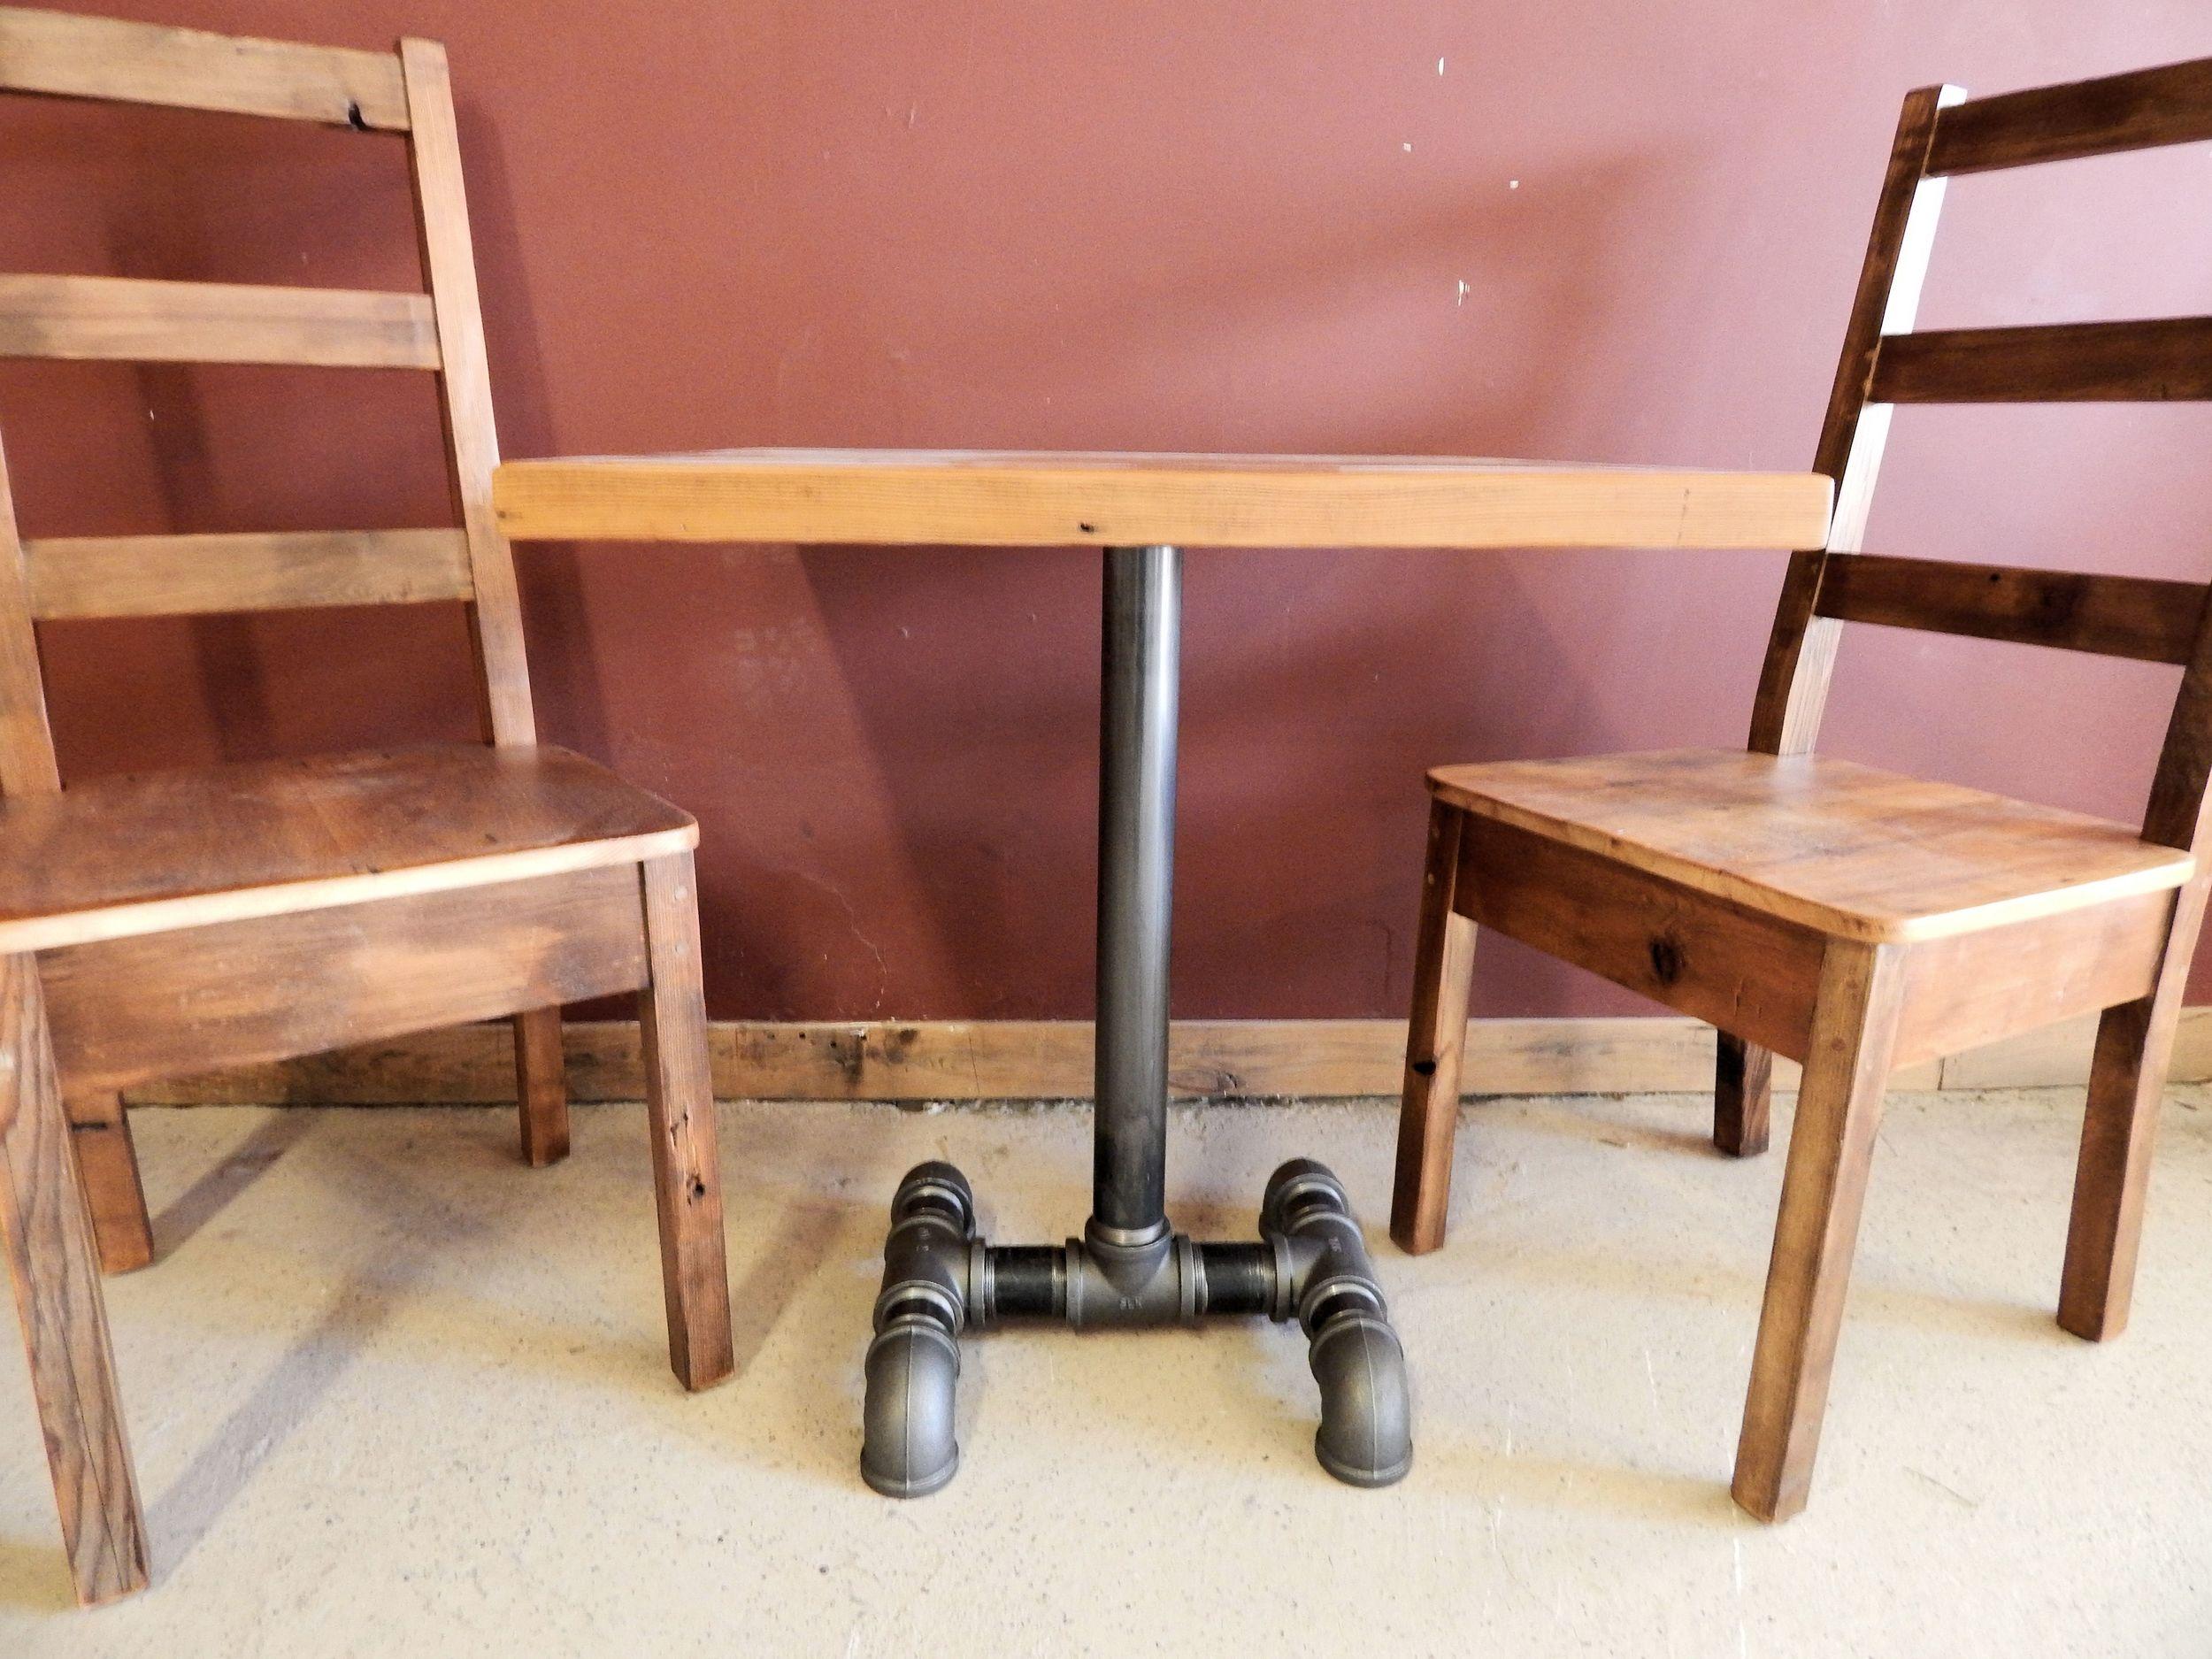 pipe-table-4.jpg